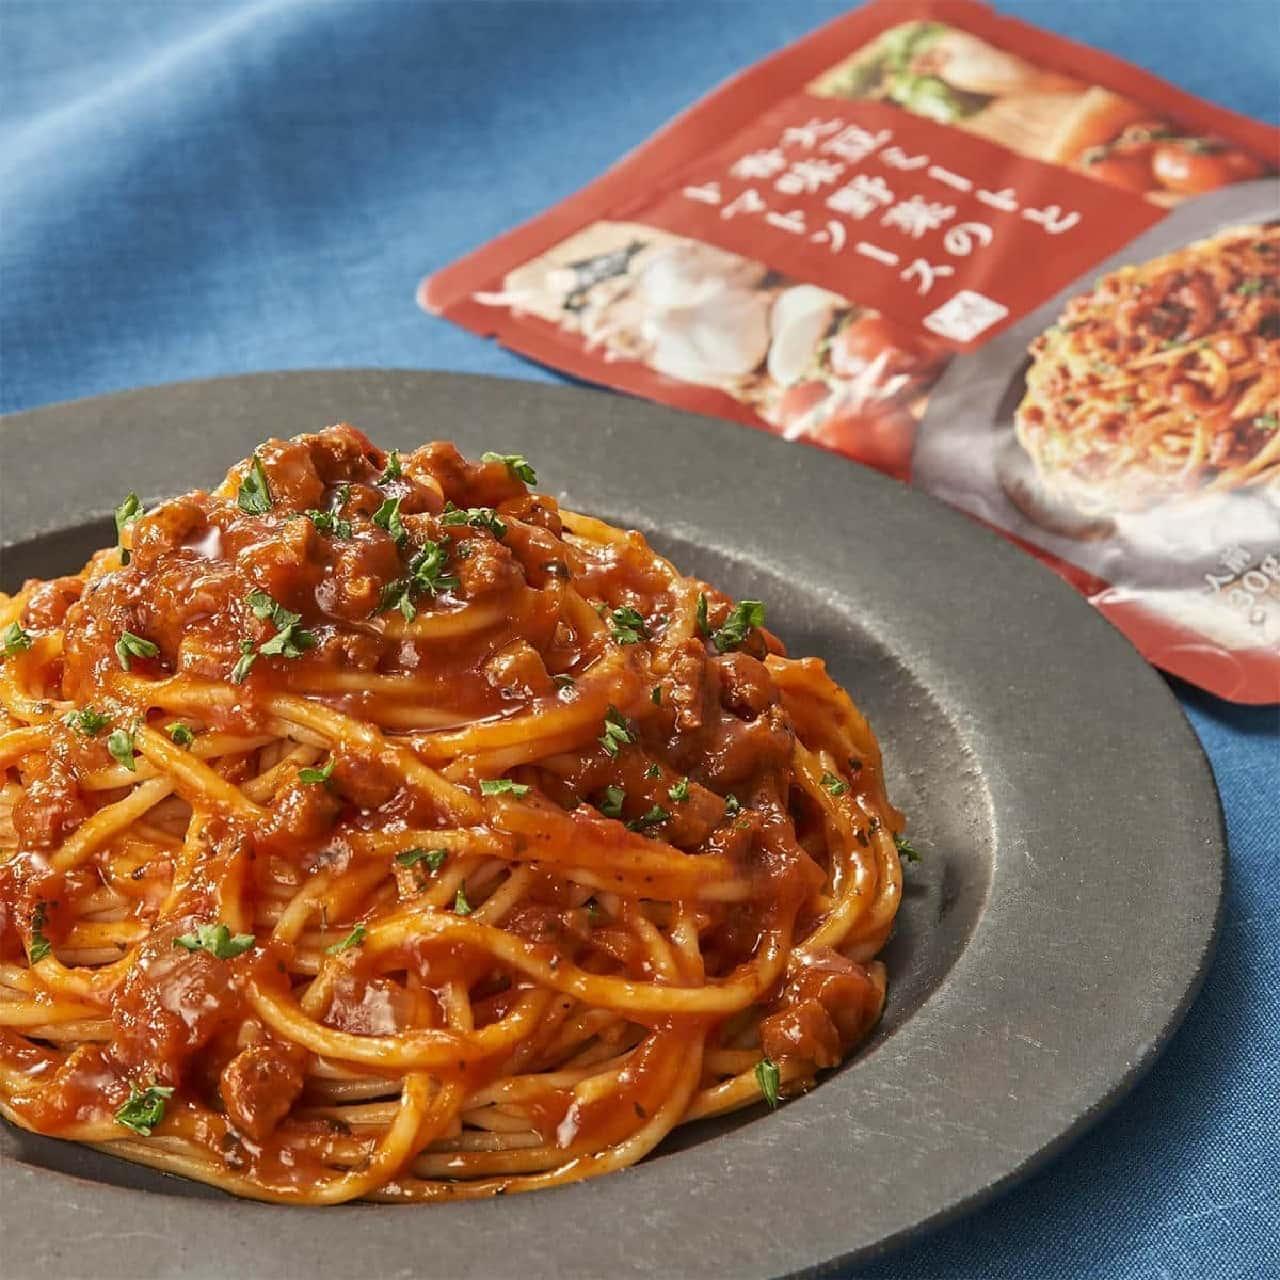 カルディ「もへじ北海道から 大豆ミートと香味野菜のトマトソース」